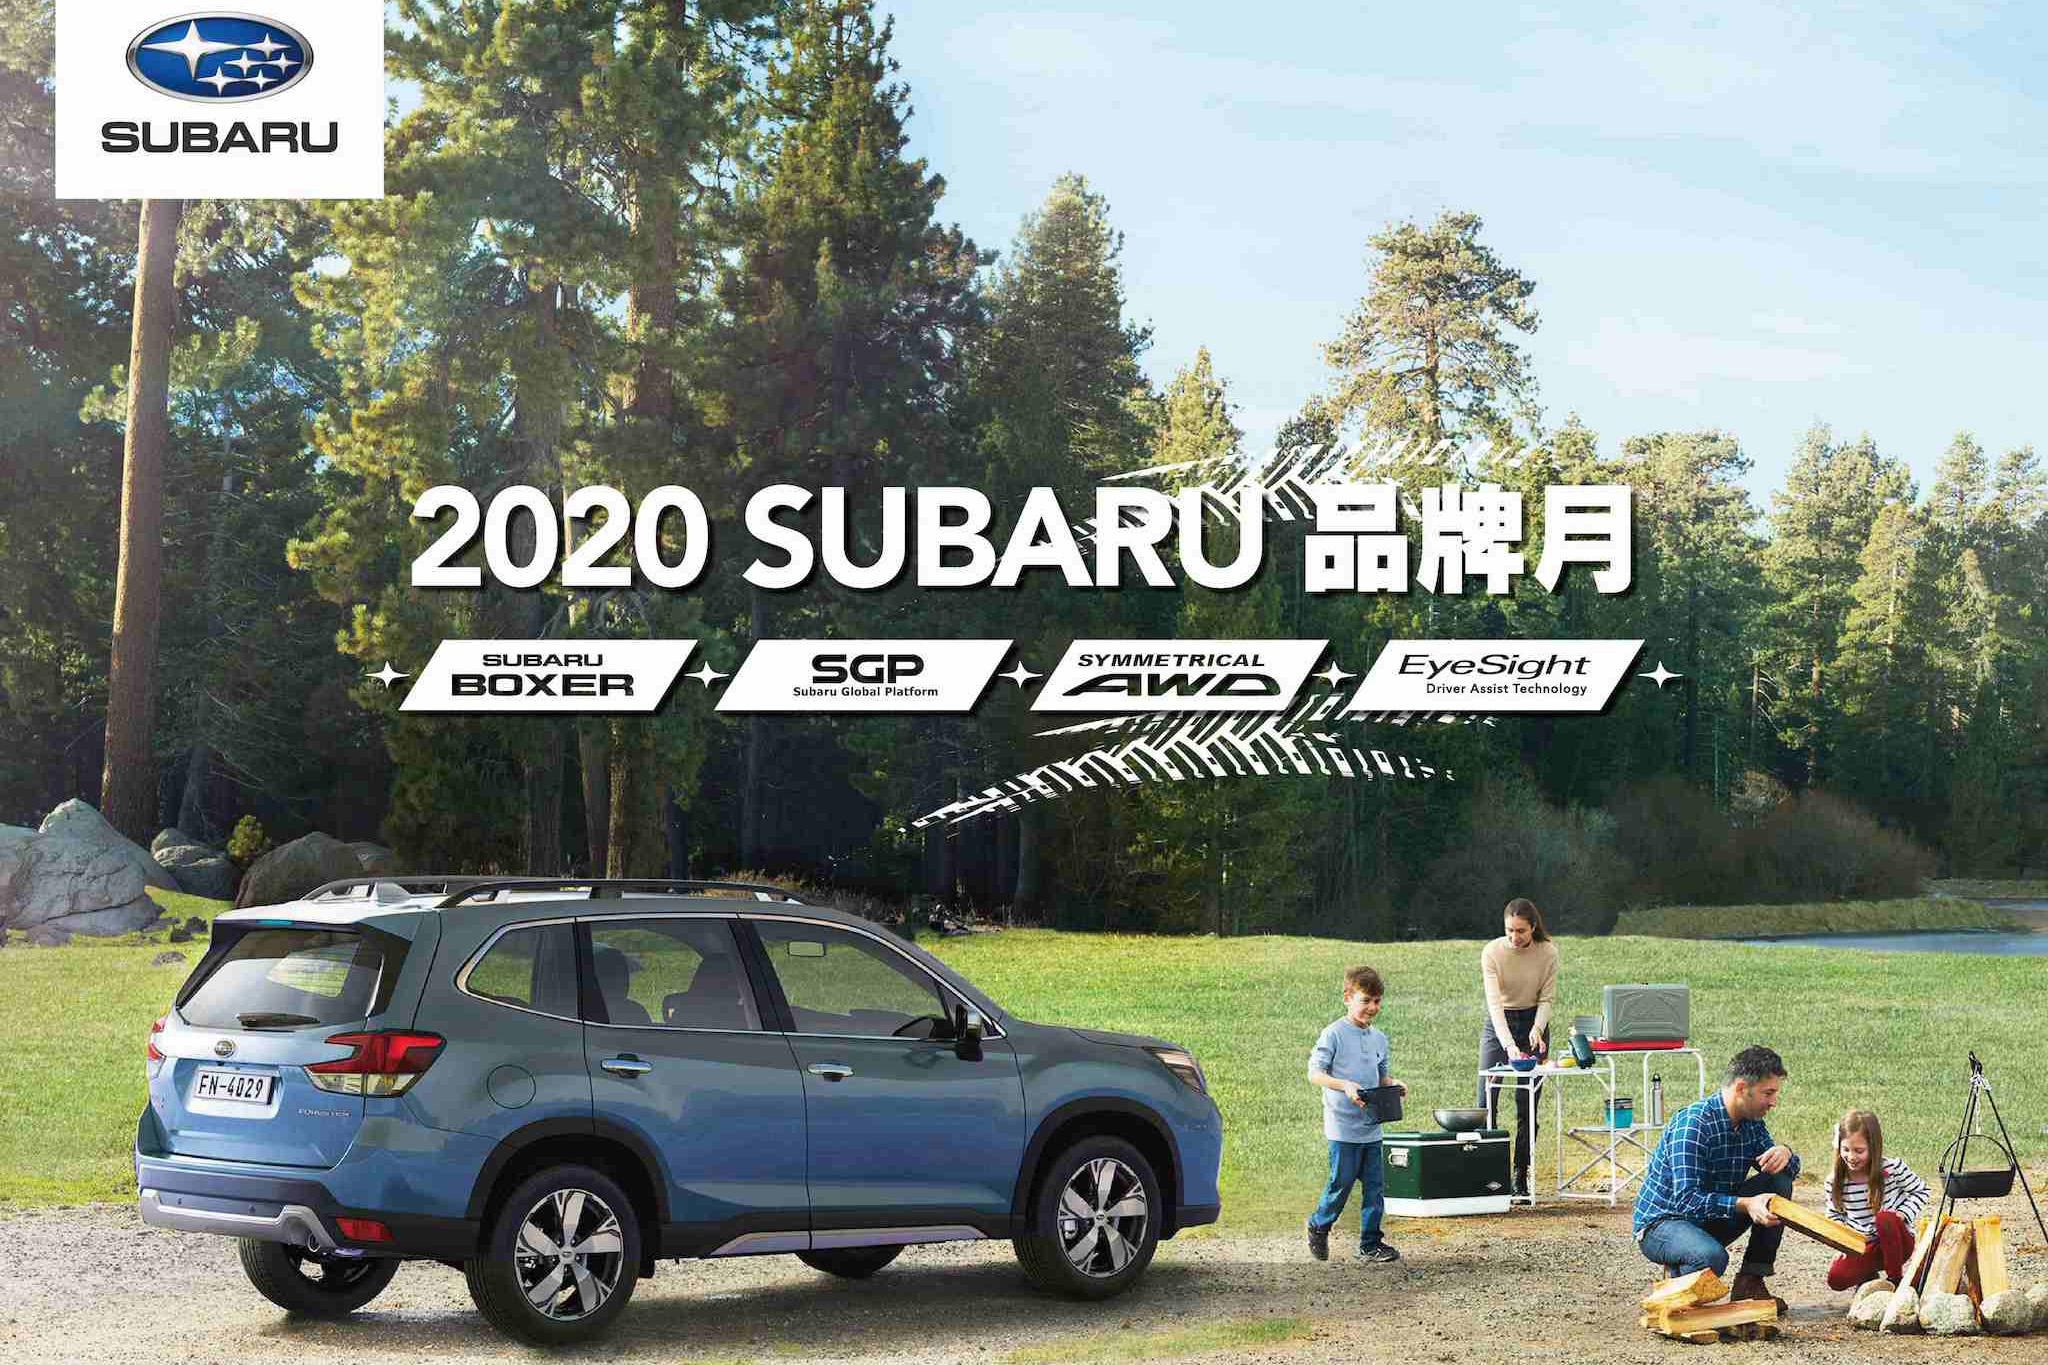 「Subaru 品牌月」講座、抽獎樣樣來,公仔同步登場